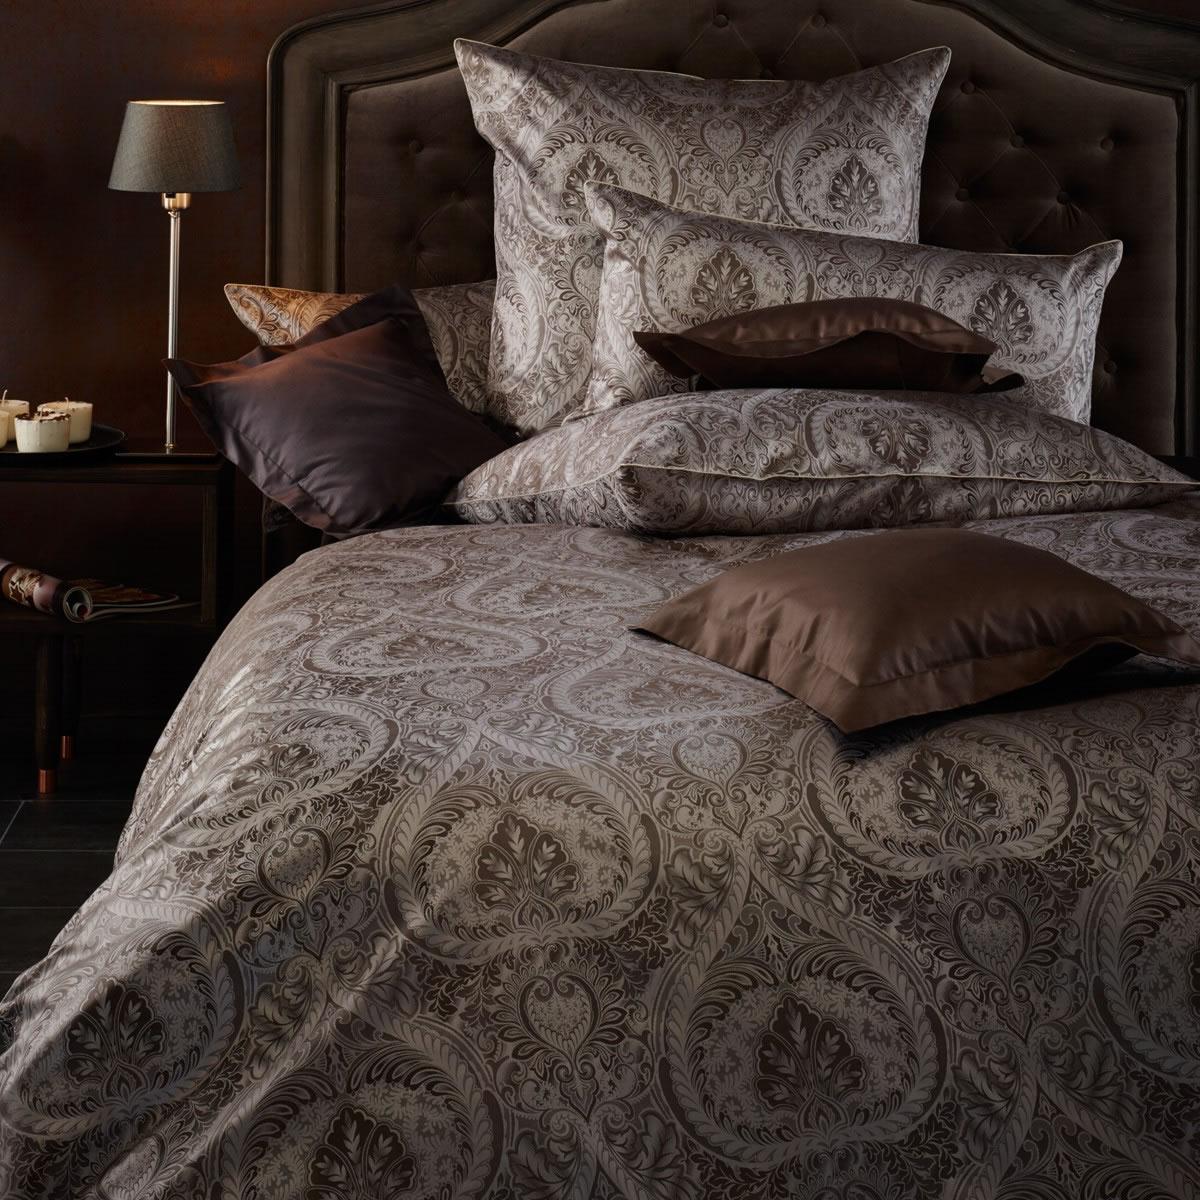 curt bauer mako brokat damast bettw sche anastasia design 2503 1060 quarz ebay. Black Bedroom Furniture Sets. Home Design Ideas